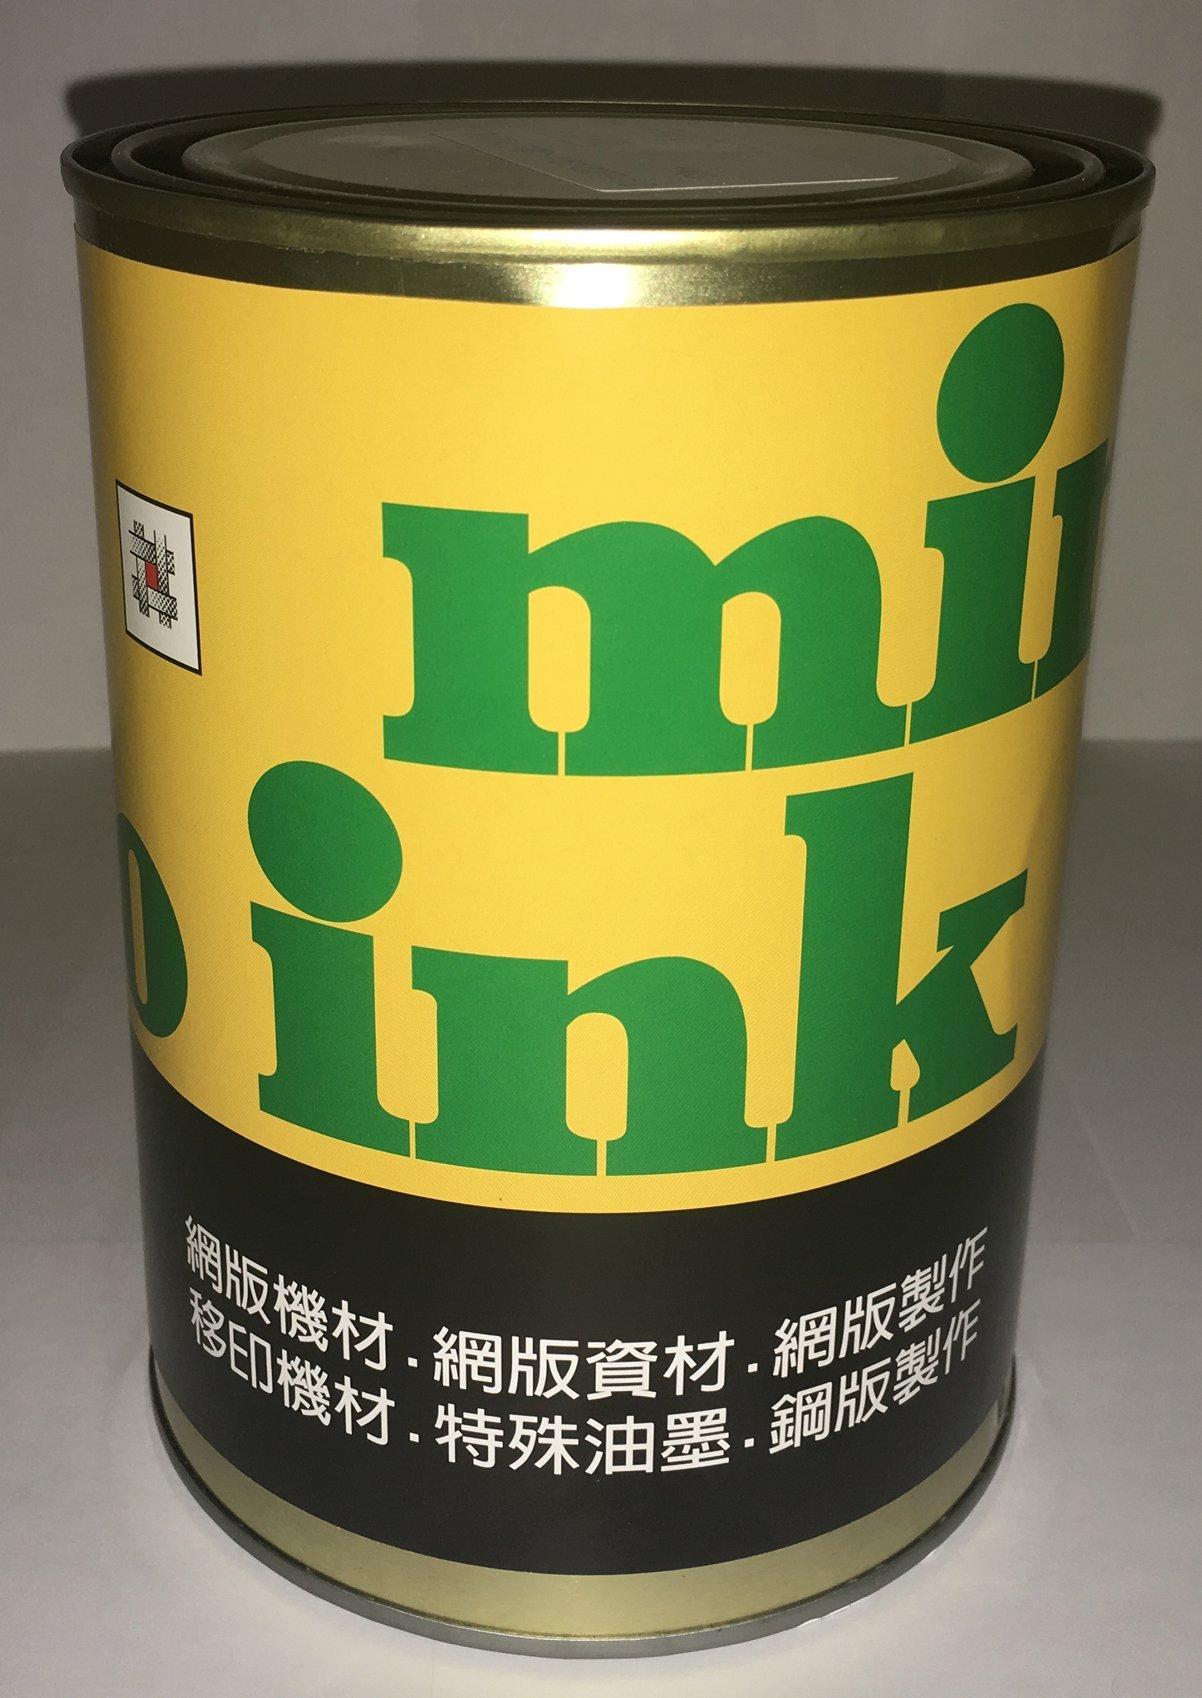 DIY印刷 網版印刷 絲印 PVC系列 油墨 綠色 台灣製造 品質可靠 1kg